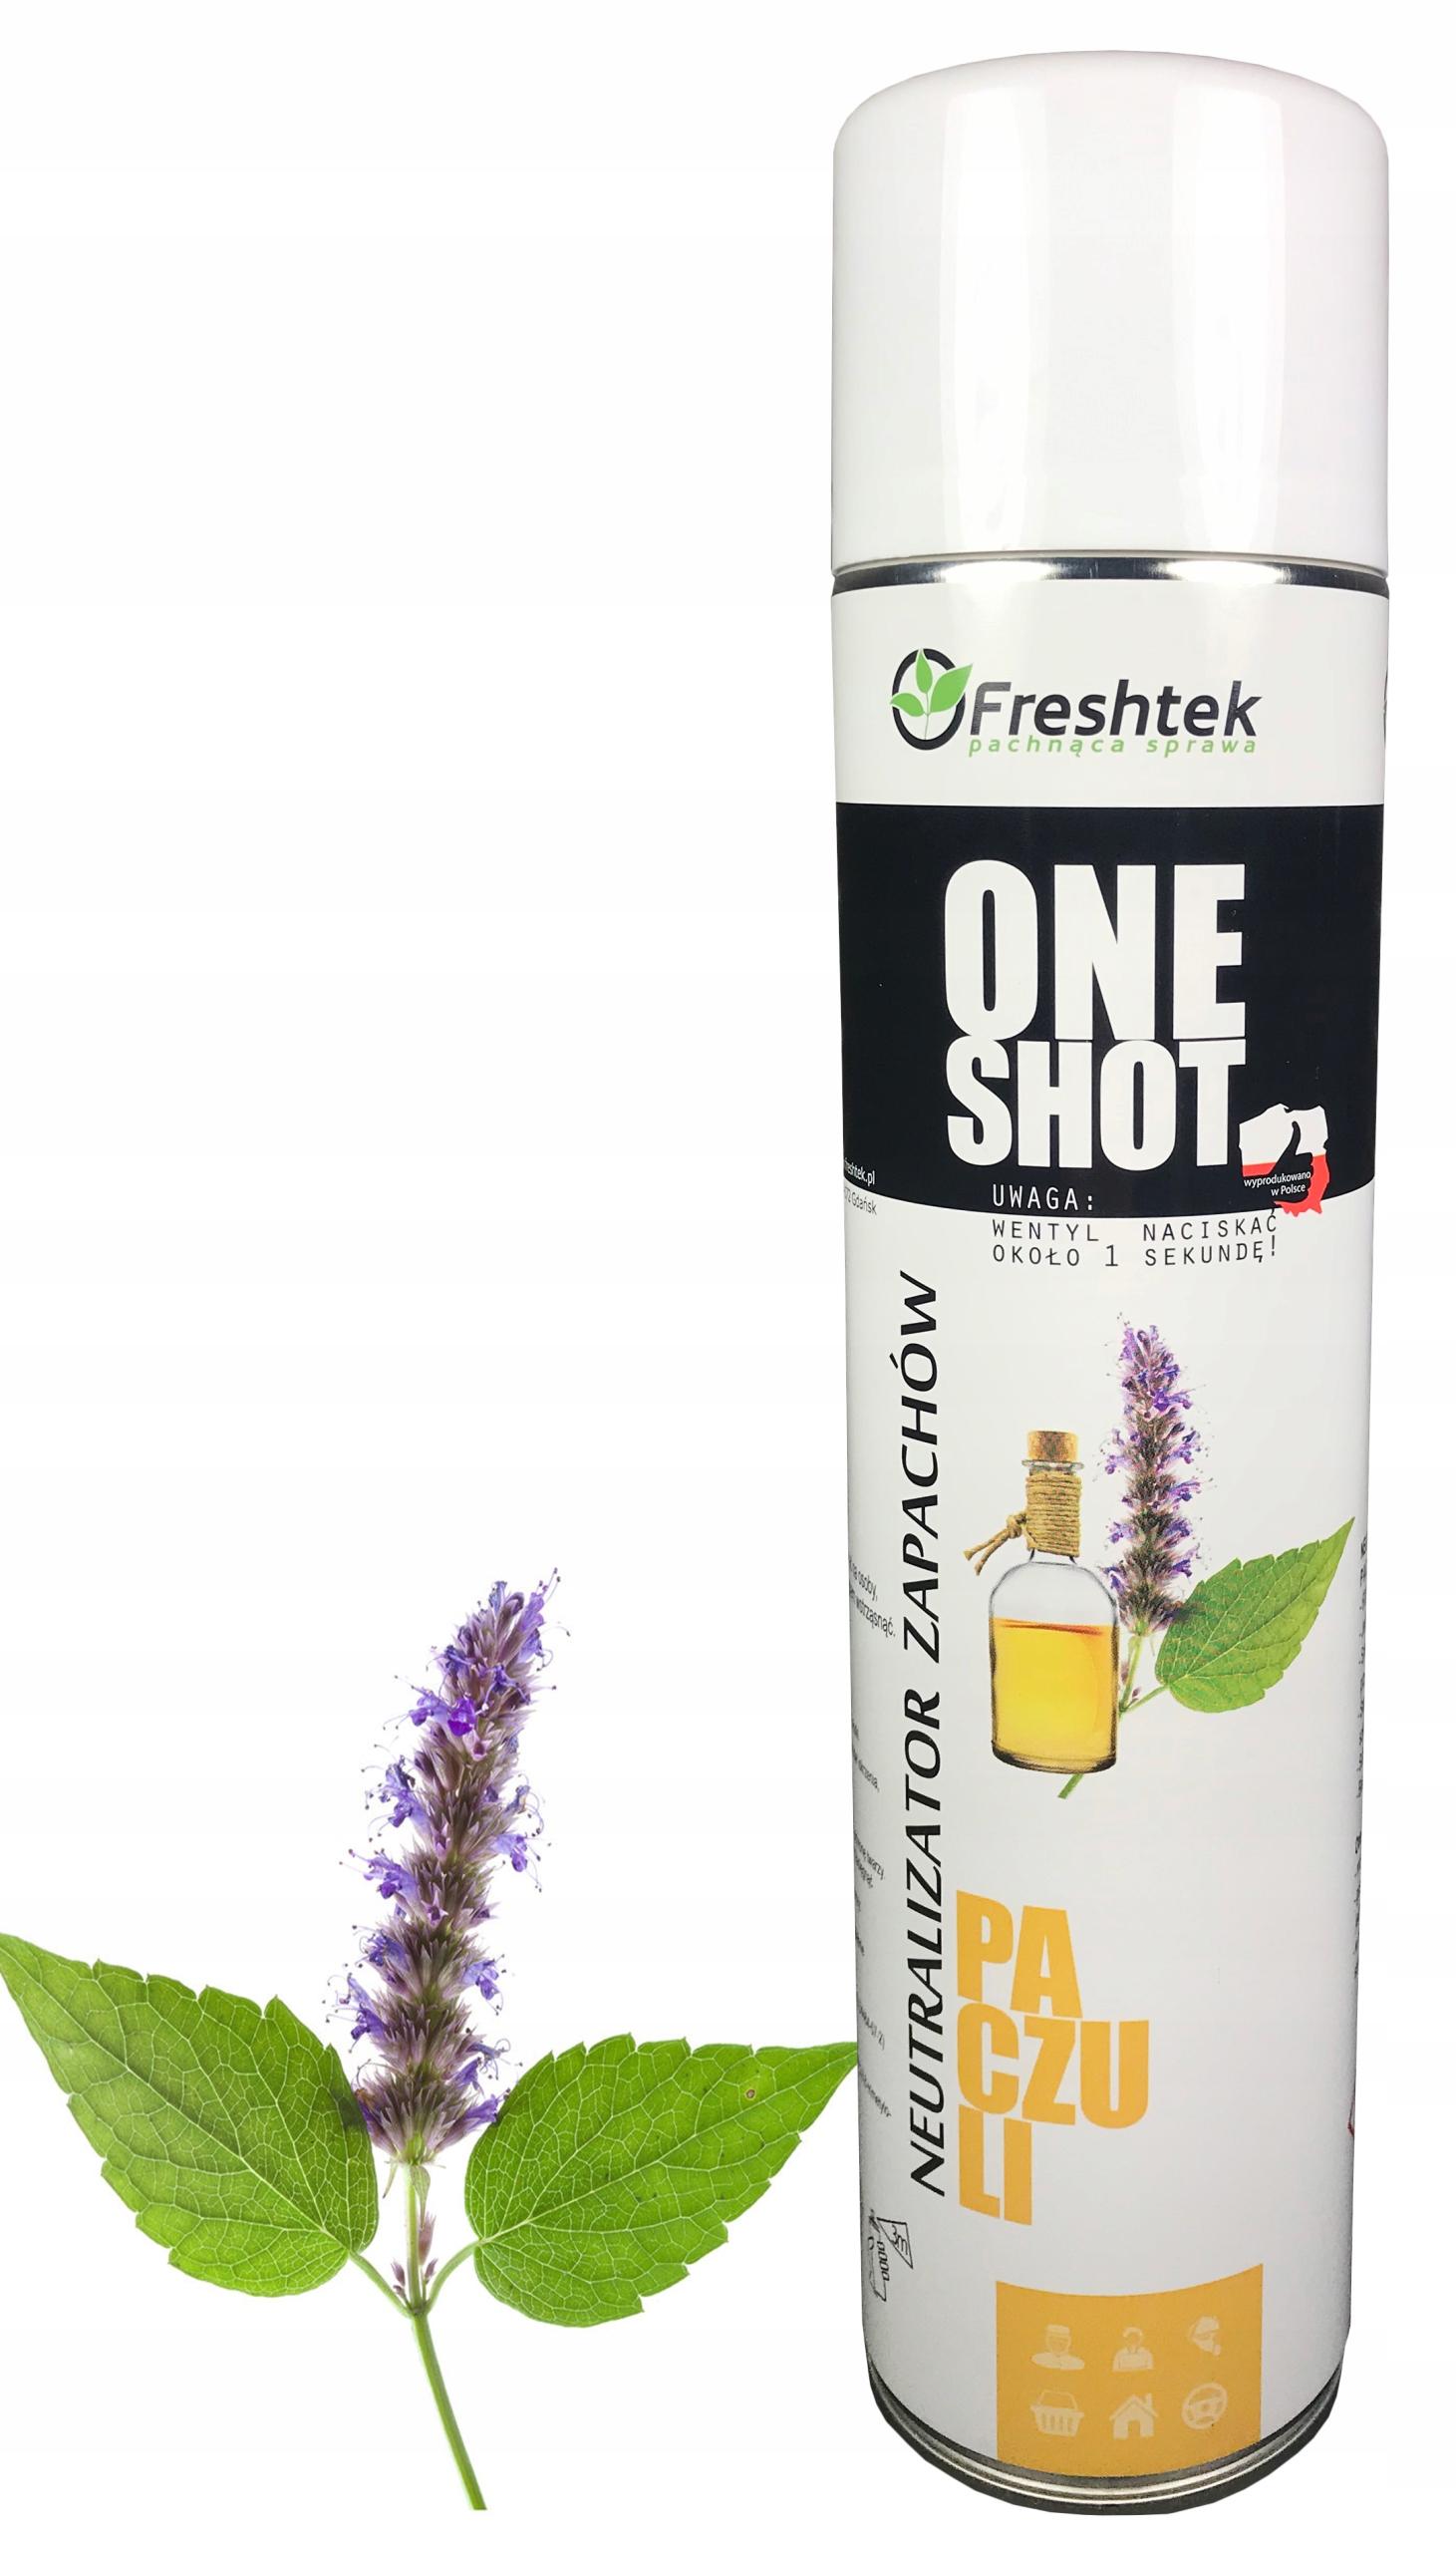 Neutralizator zapachów Freshtek ONE SHOT PACZULI